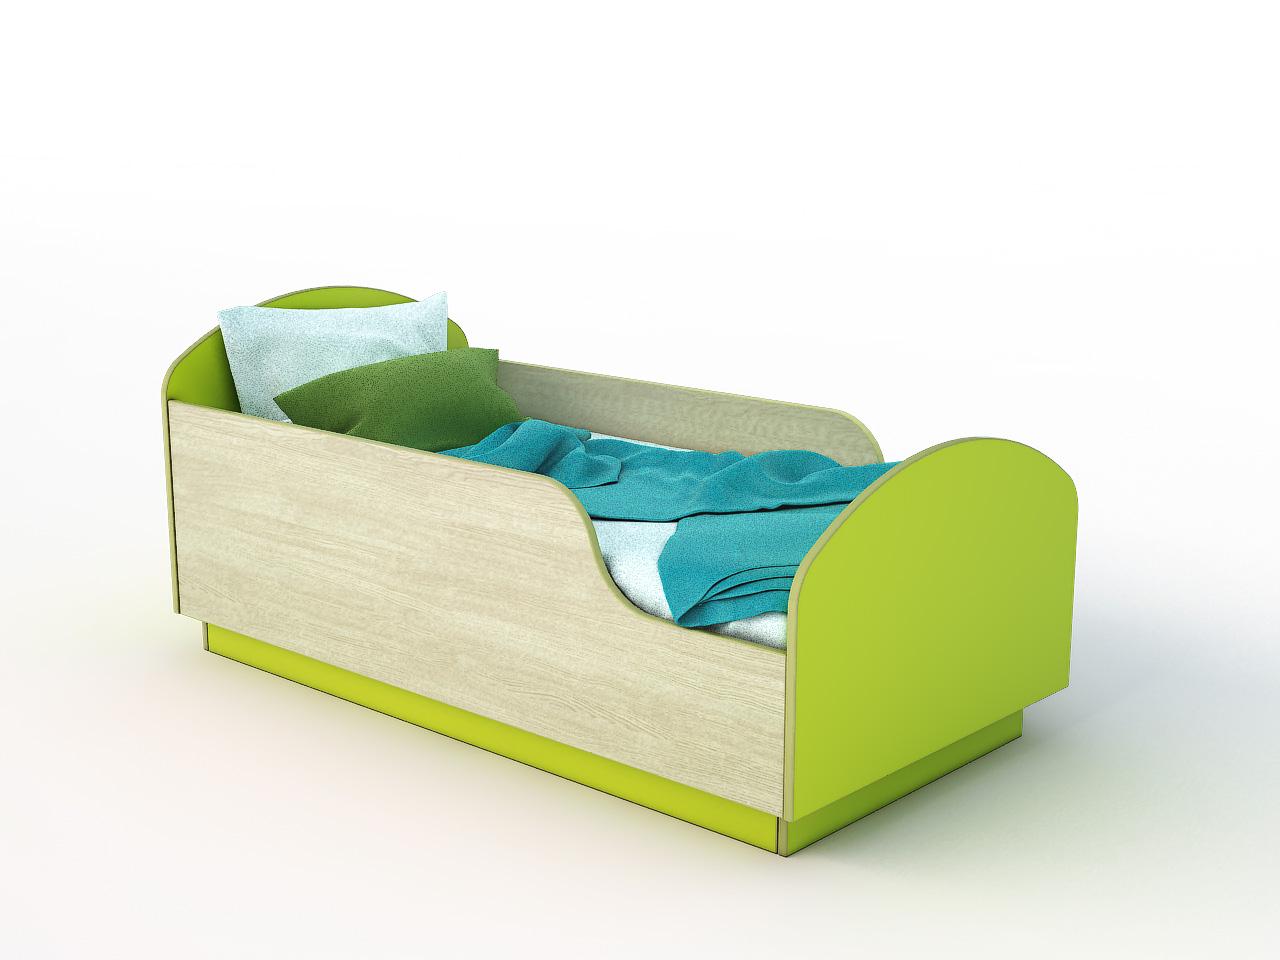 Детские кровати до 3 лет с бортами фото